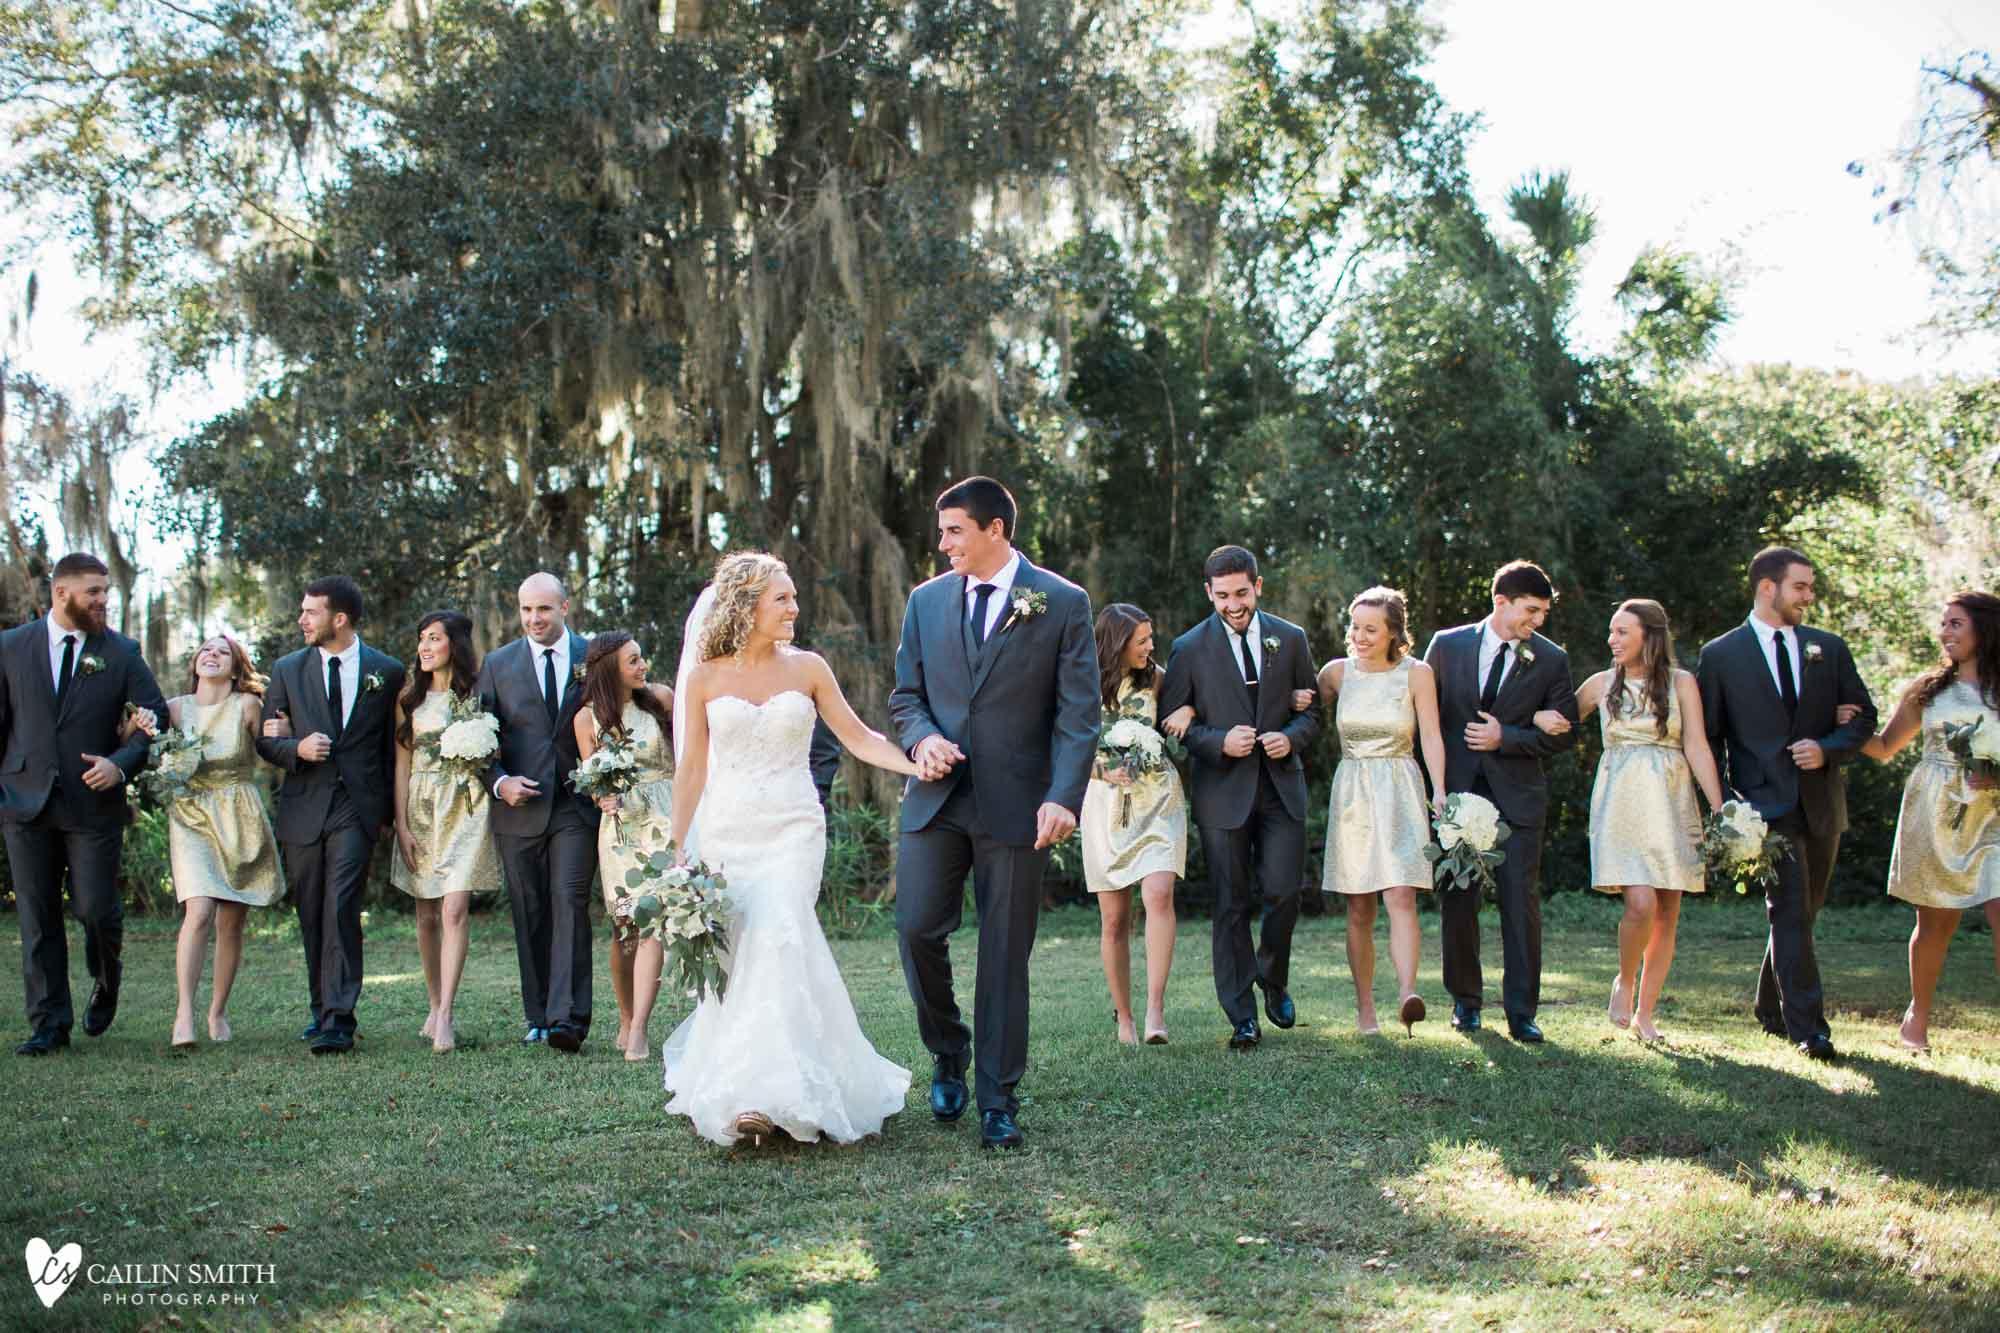 Leah_Major_St_Marys_Wedding_Photography_039.jpg